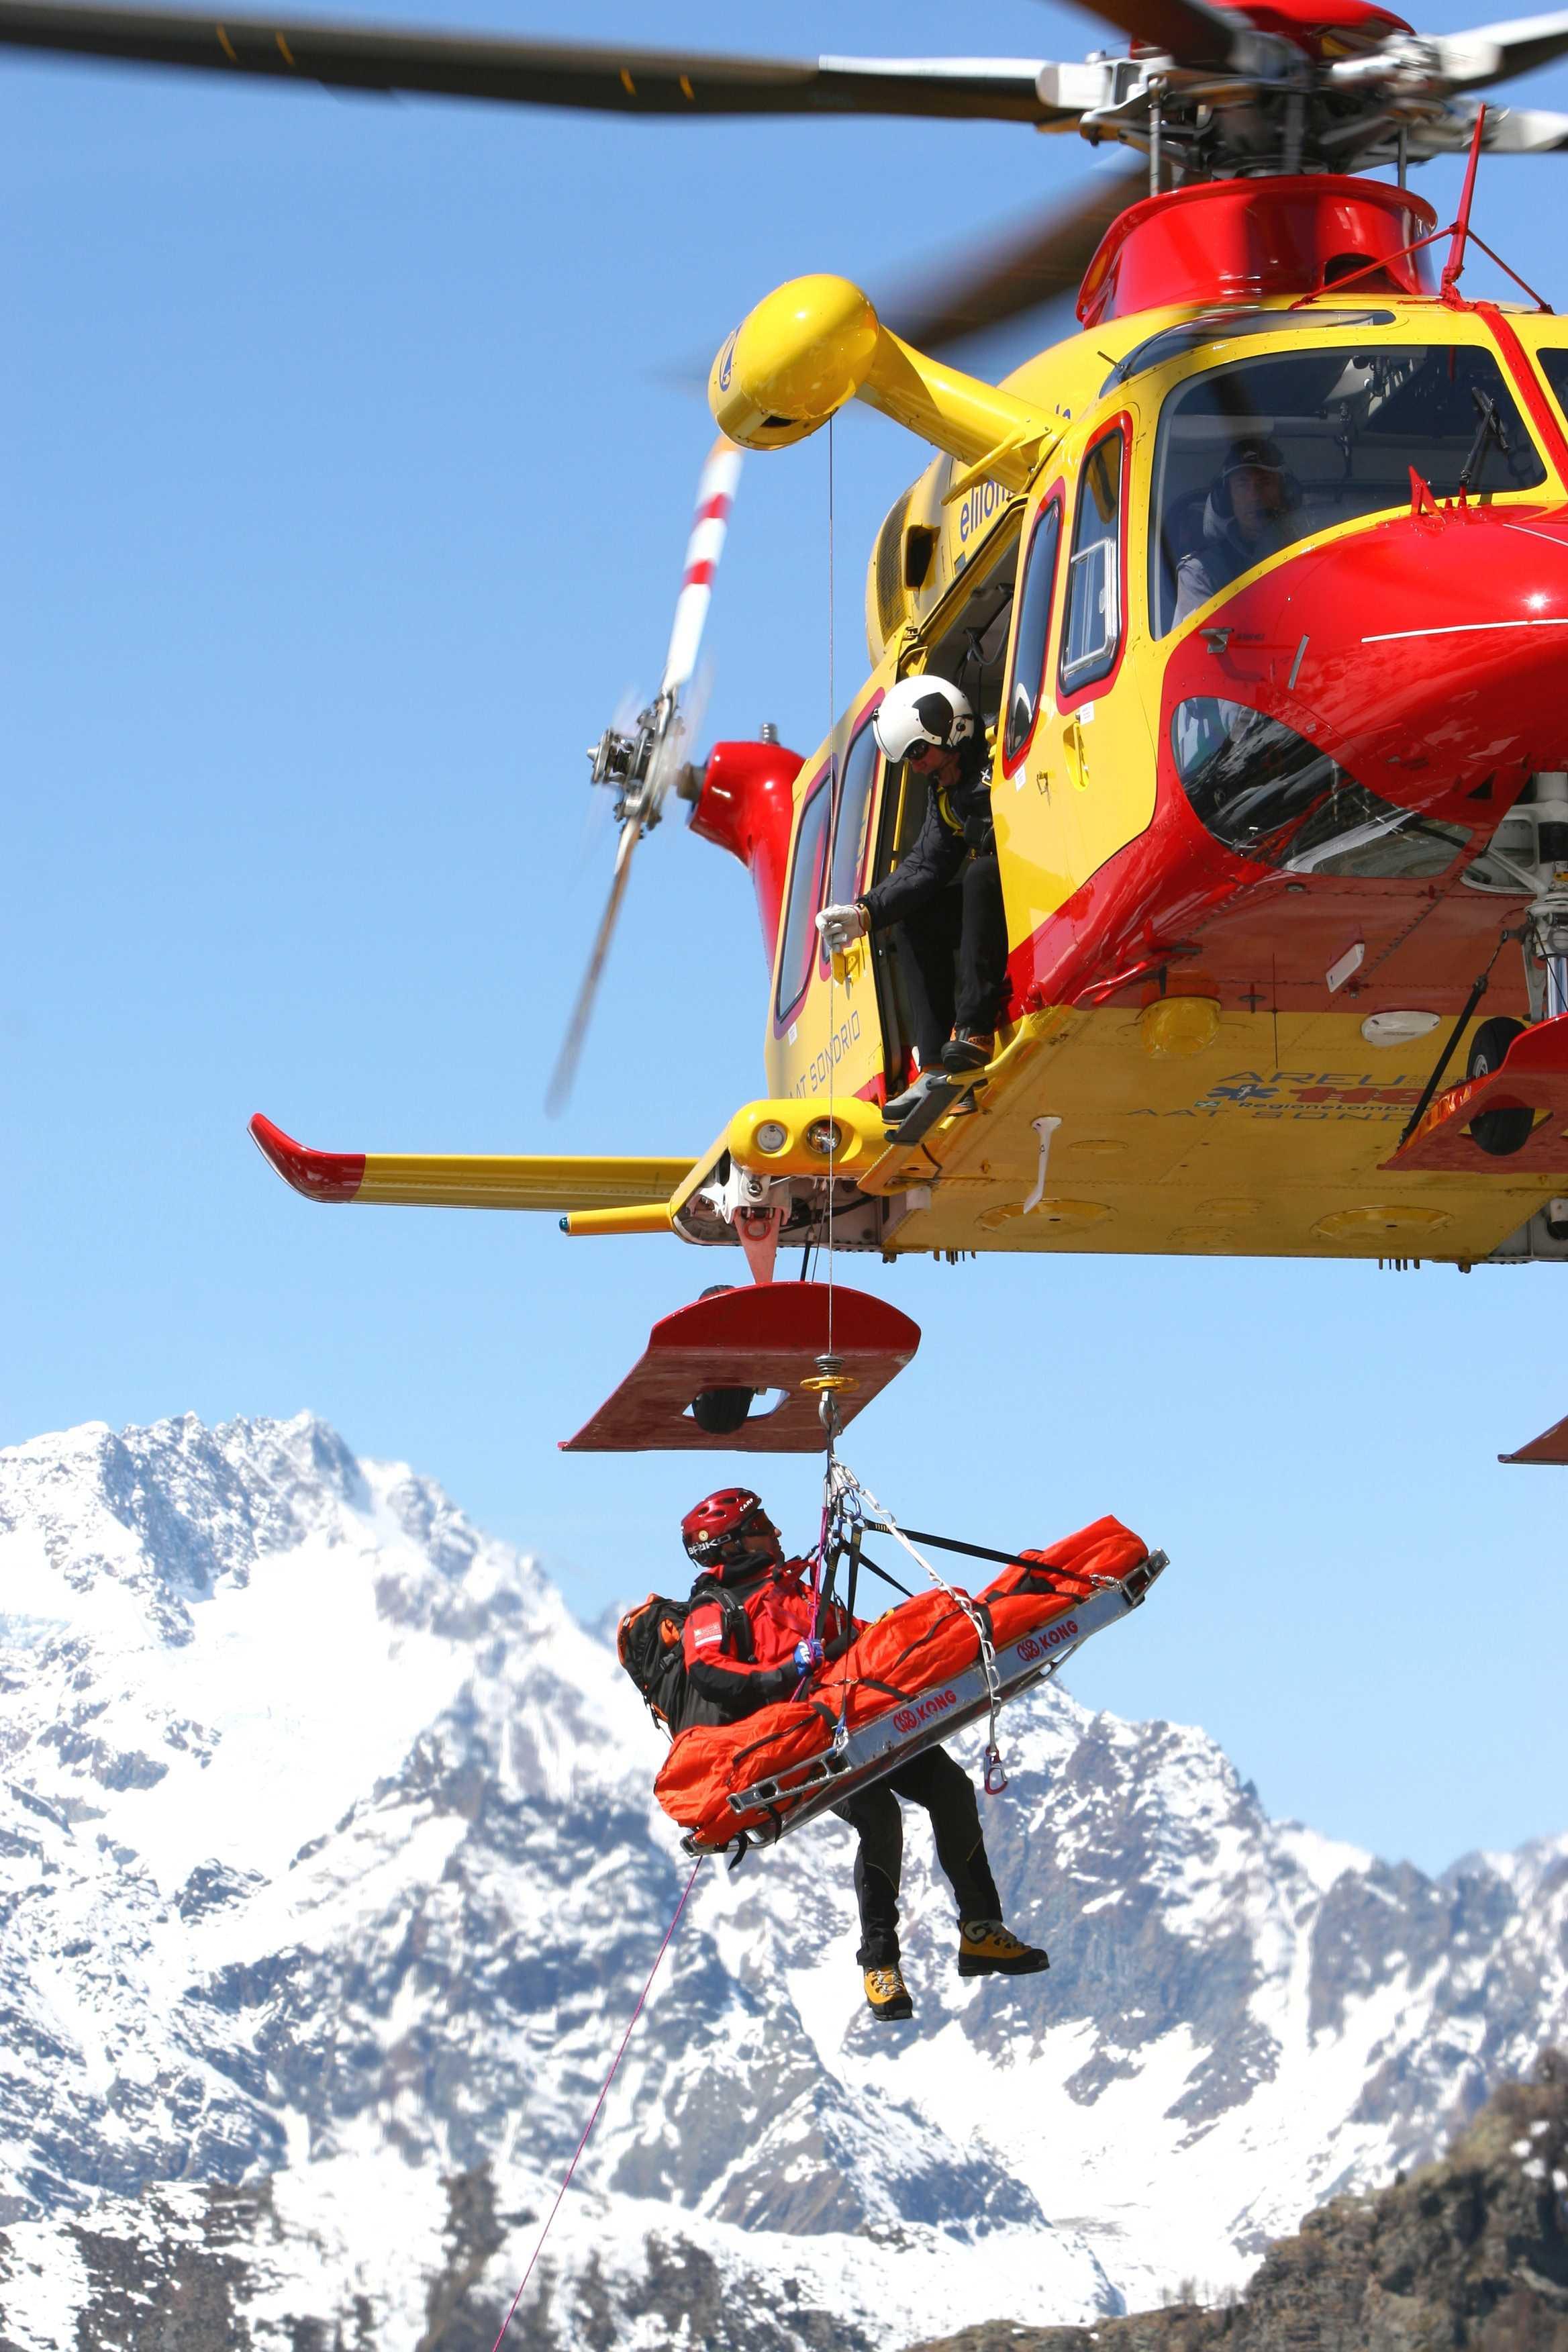 Elicottero 118 : Immagini dall elicottero azienda regionale emergenza urgenza